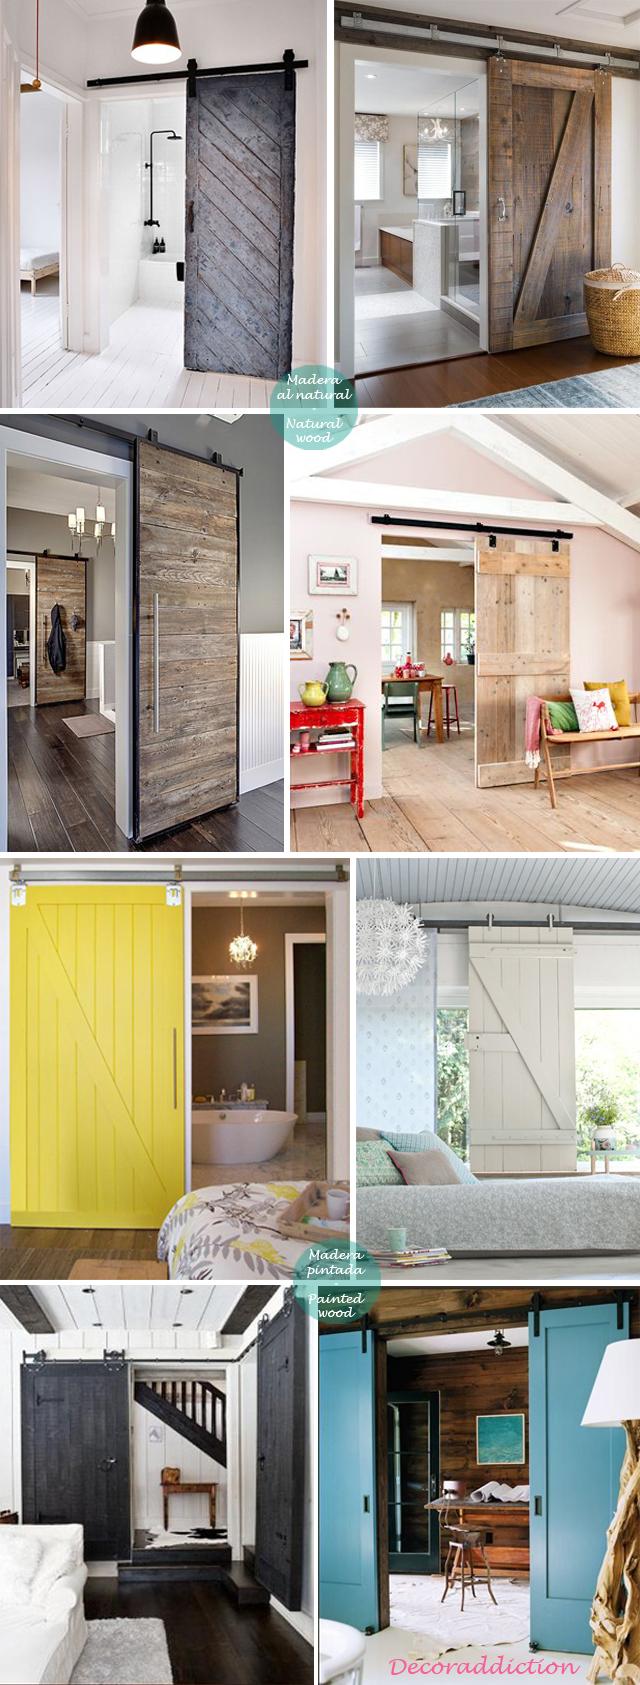 Apuesta por puertas correderas - Bet on sliding doors_madera